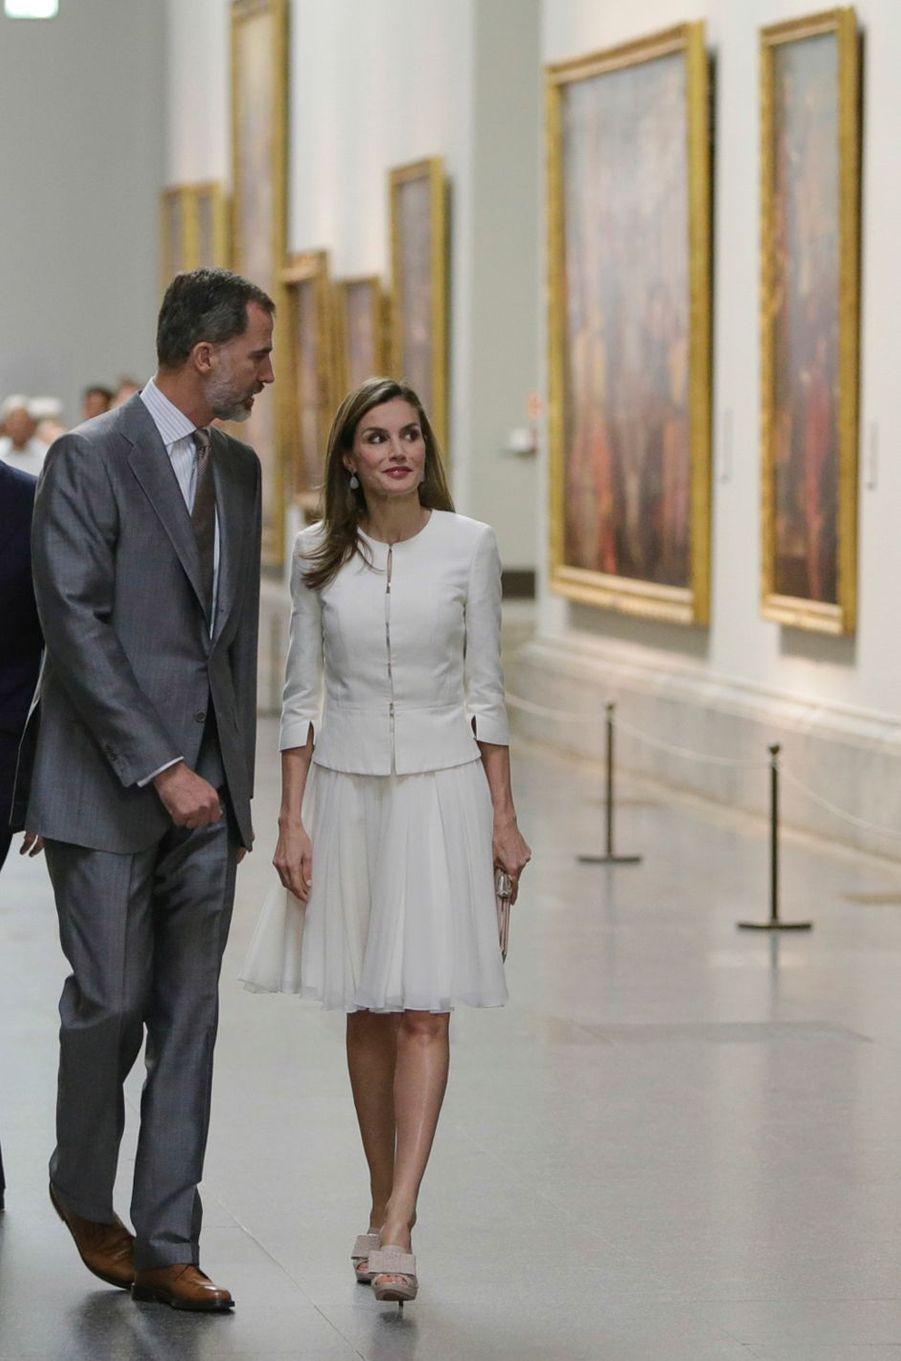 La reine Letizia et le roi Felipe VI d'Espagne au Musée du Prado à Madrid, le 19 juin 2017